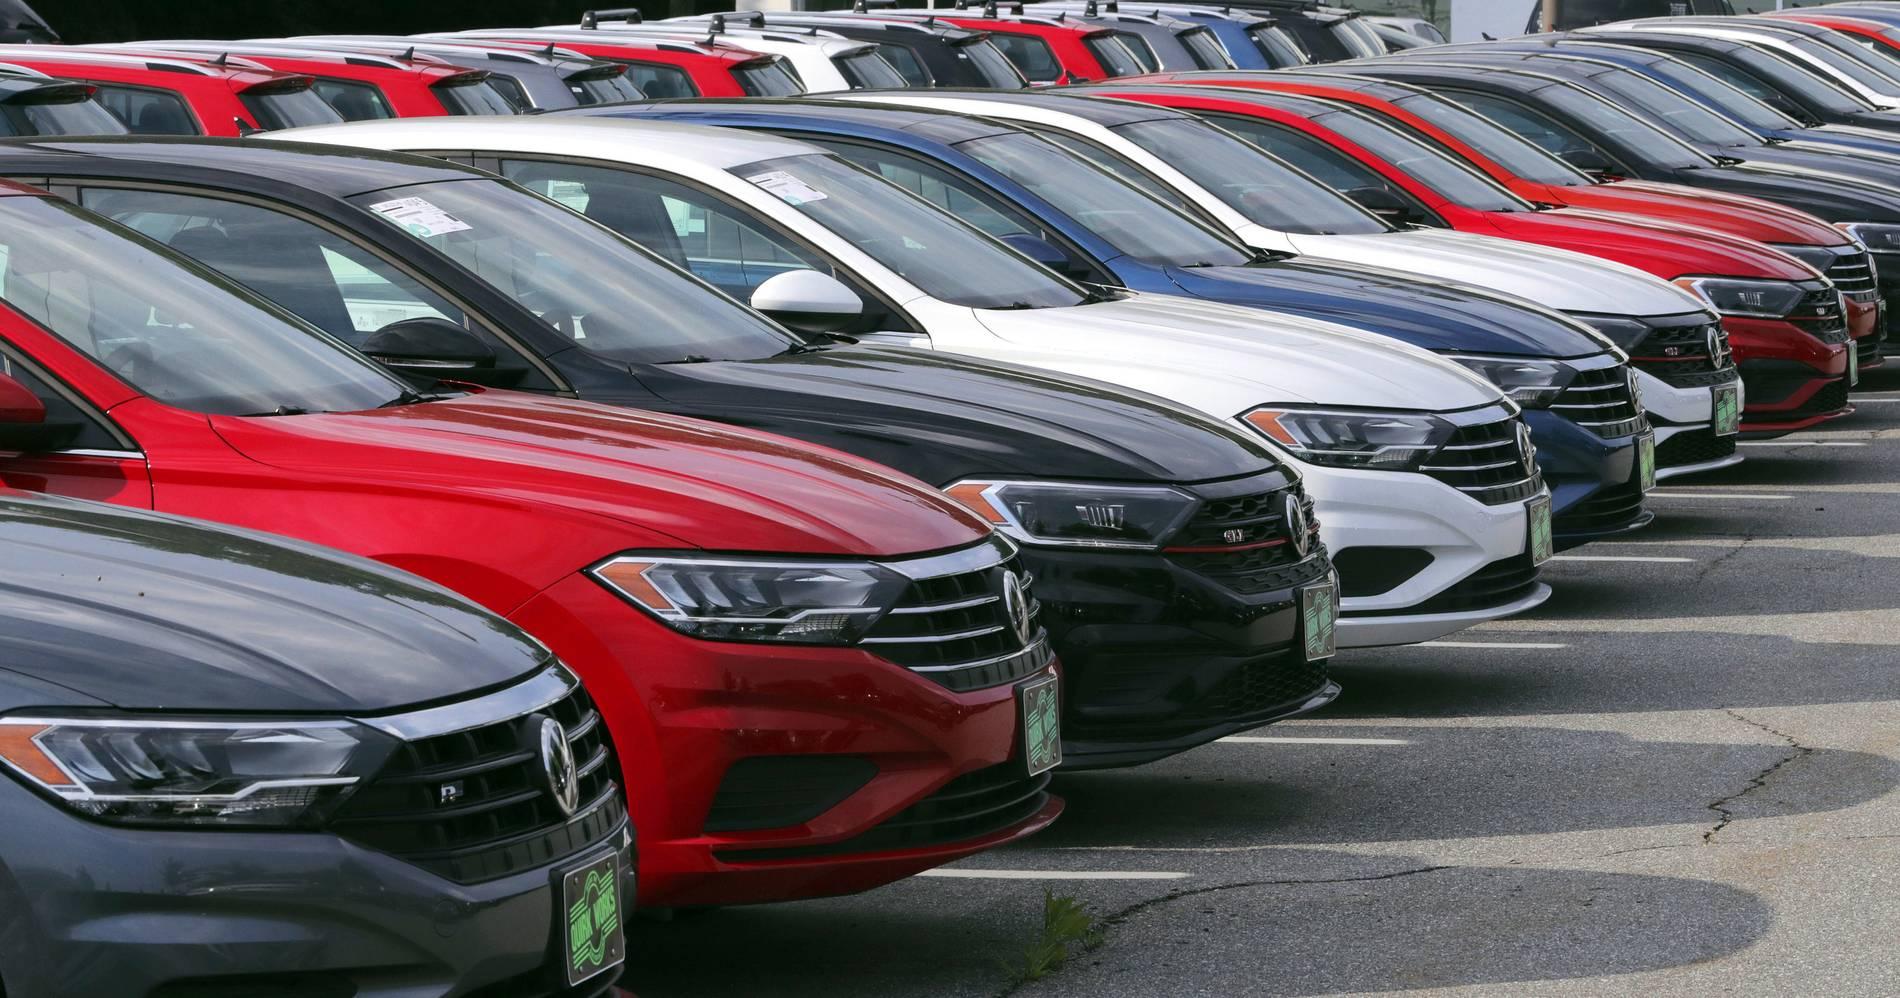 Kalifornien: Staat setzt bei neuen Dienstwagen auf VW statt auf GM